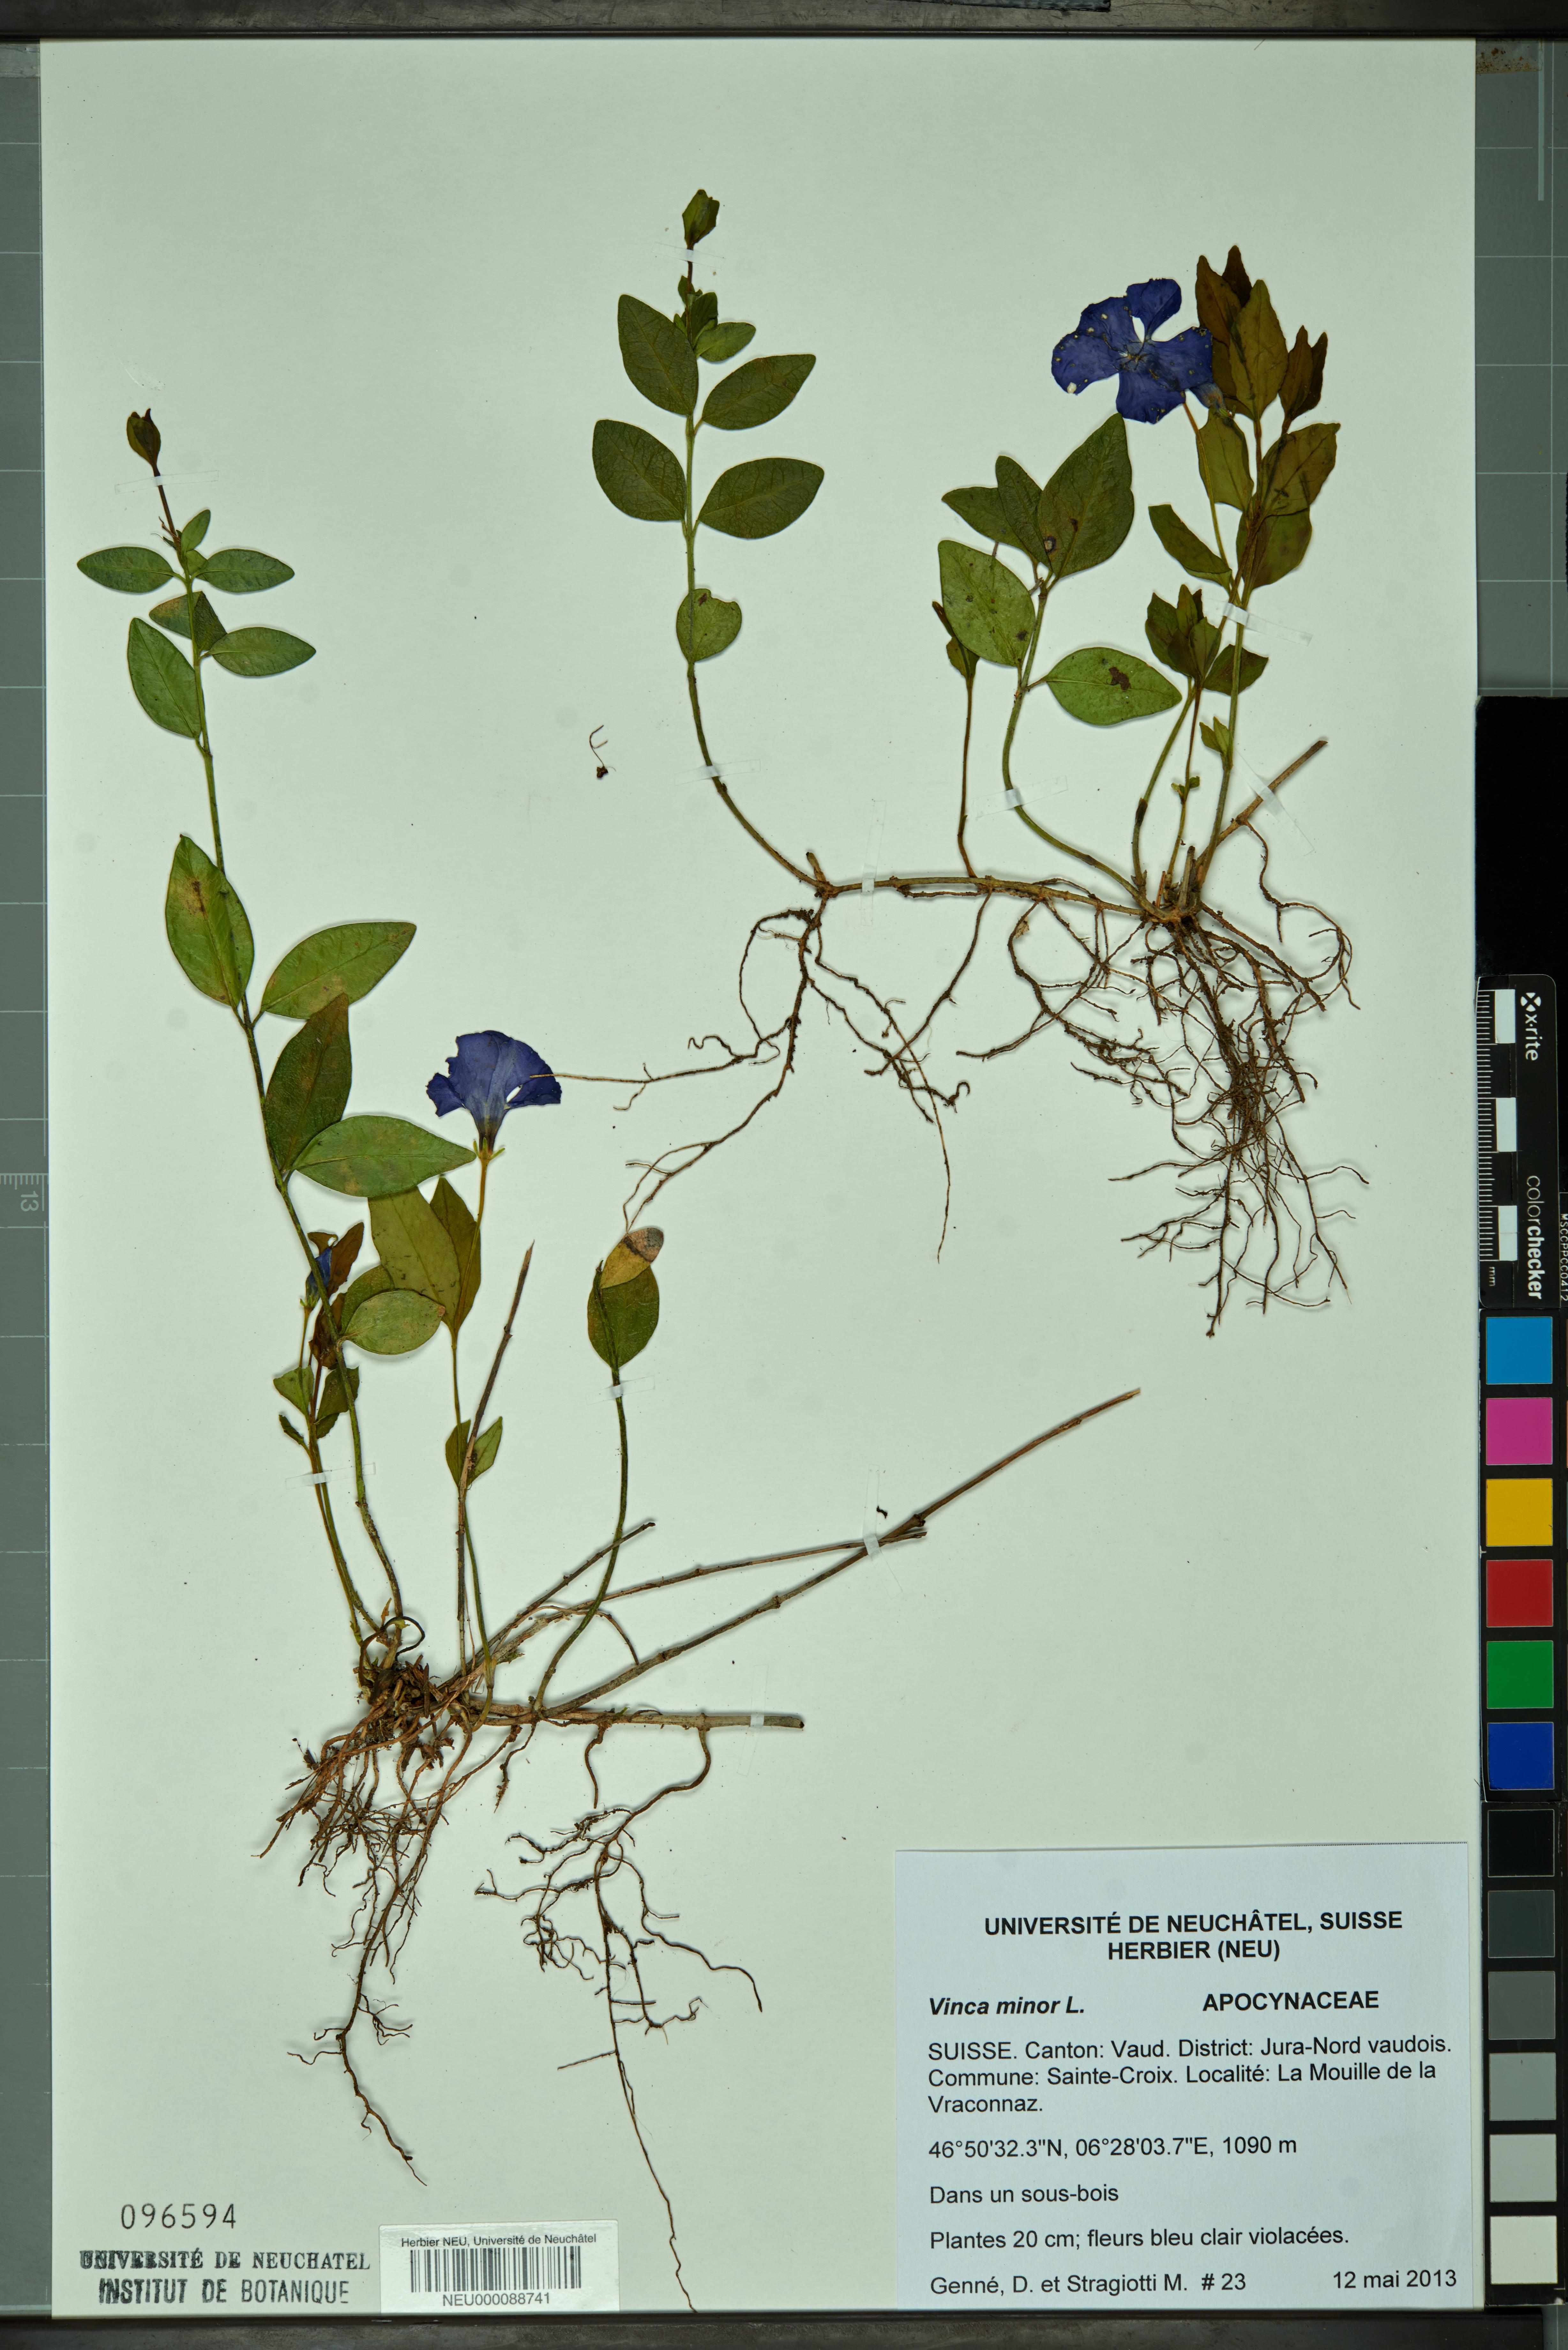 Fleur De Sous Bois Bleue file:neuchâtel herbarium - vinca minor - neu000088741